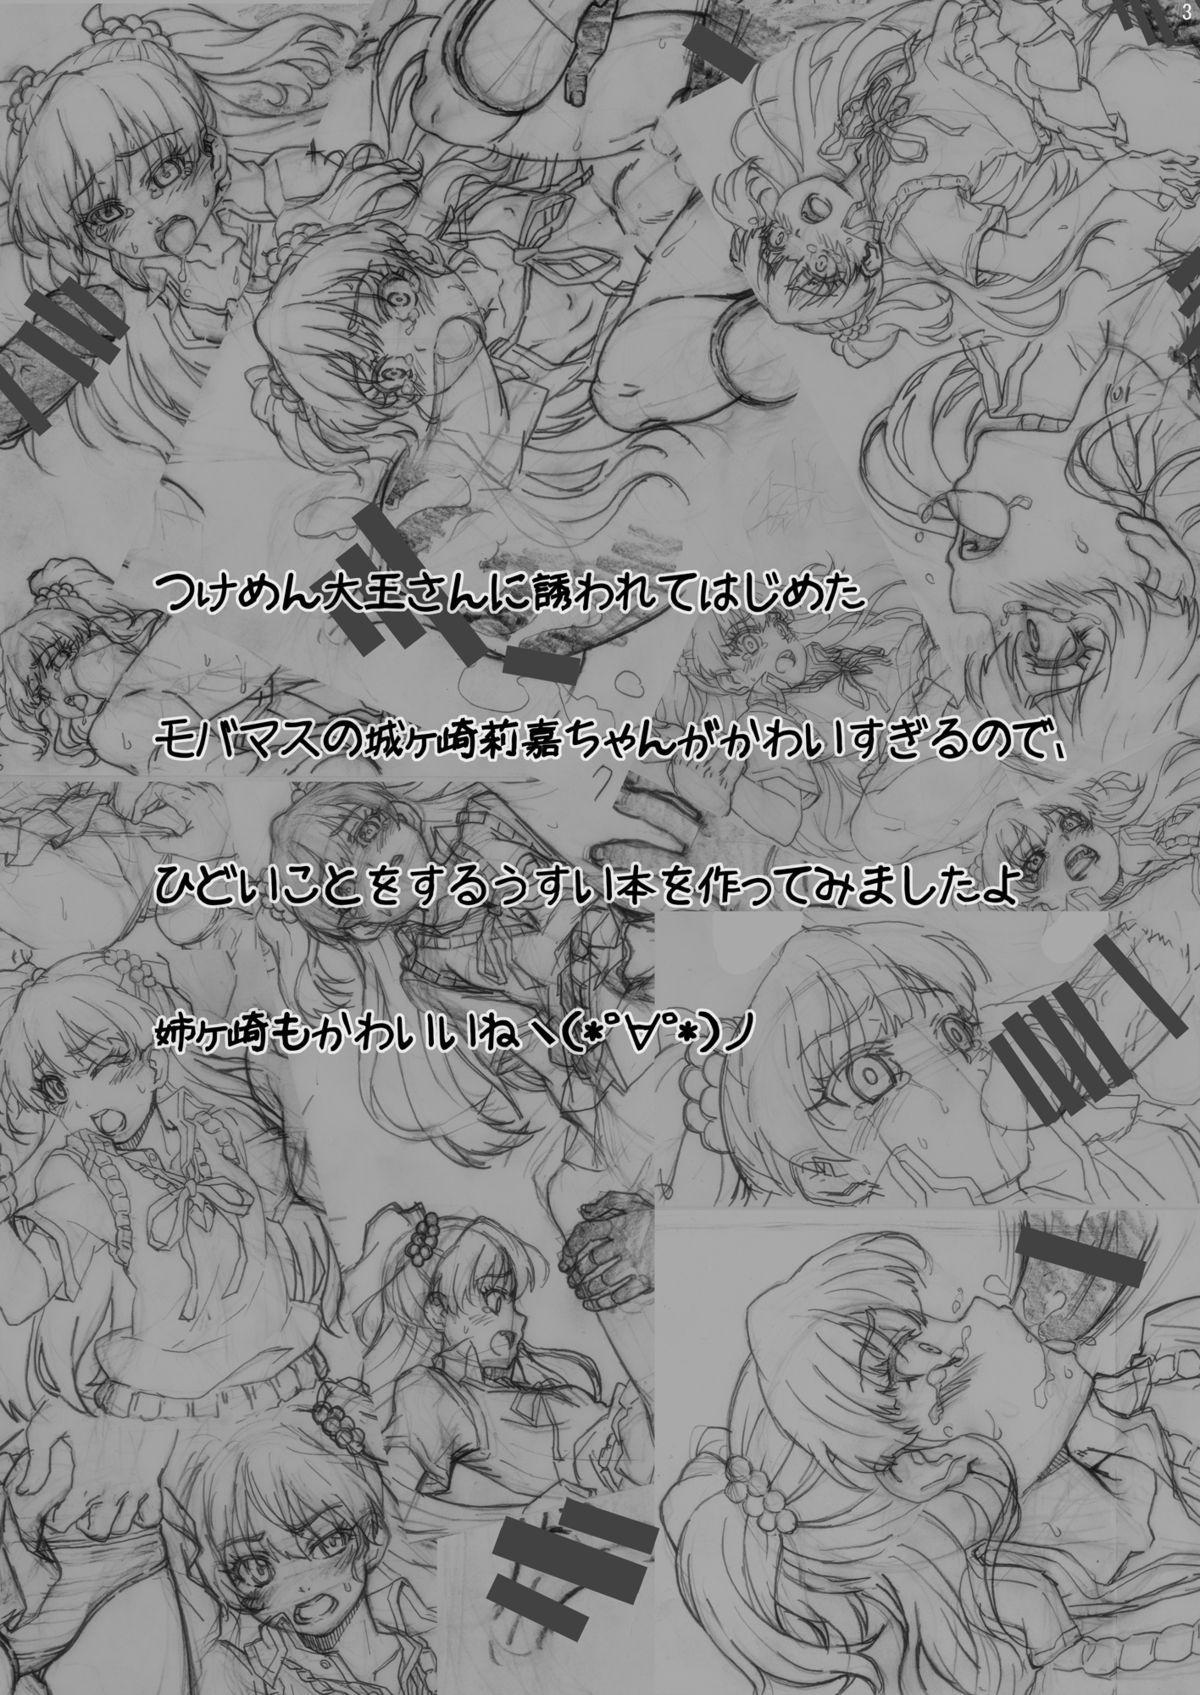 ○○-kun, Mite Mite! Hehehe~, JC Idol Mitsuketa yo 6